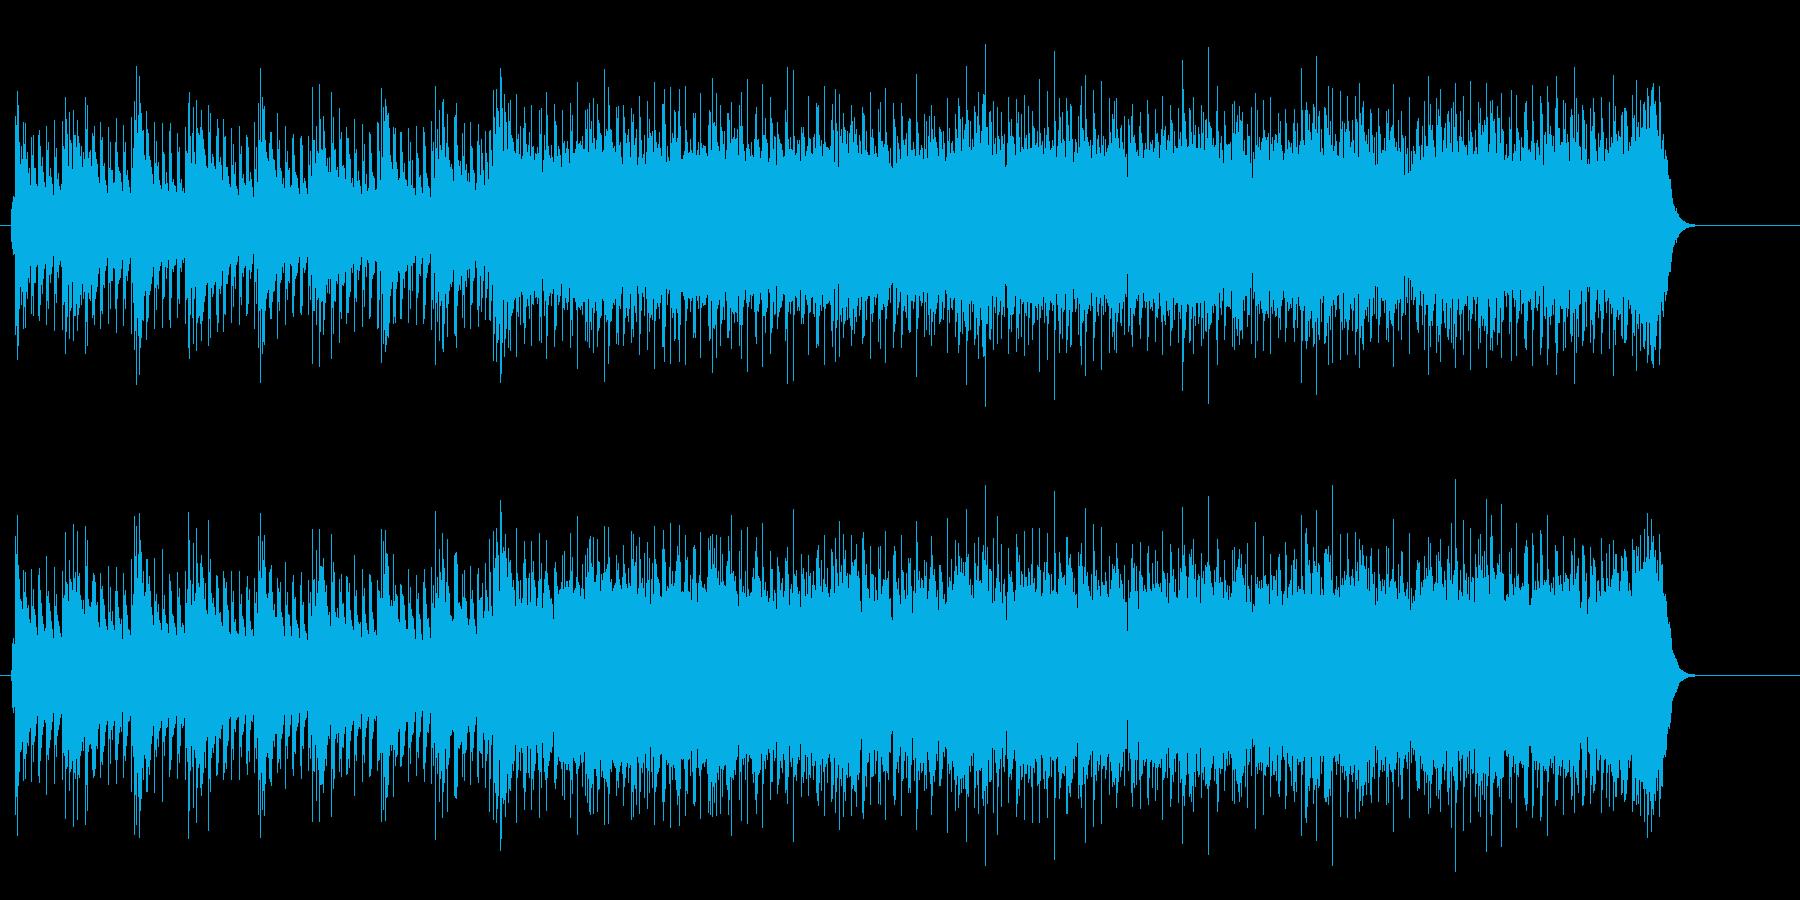 アメリカン・スケールのパワフルなギターの再生済みの波形